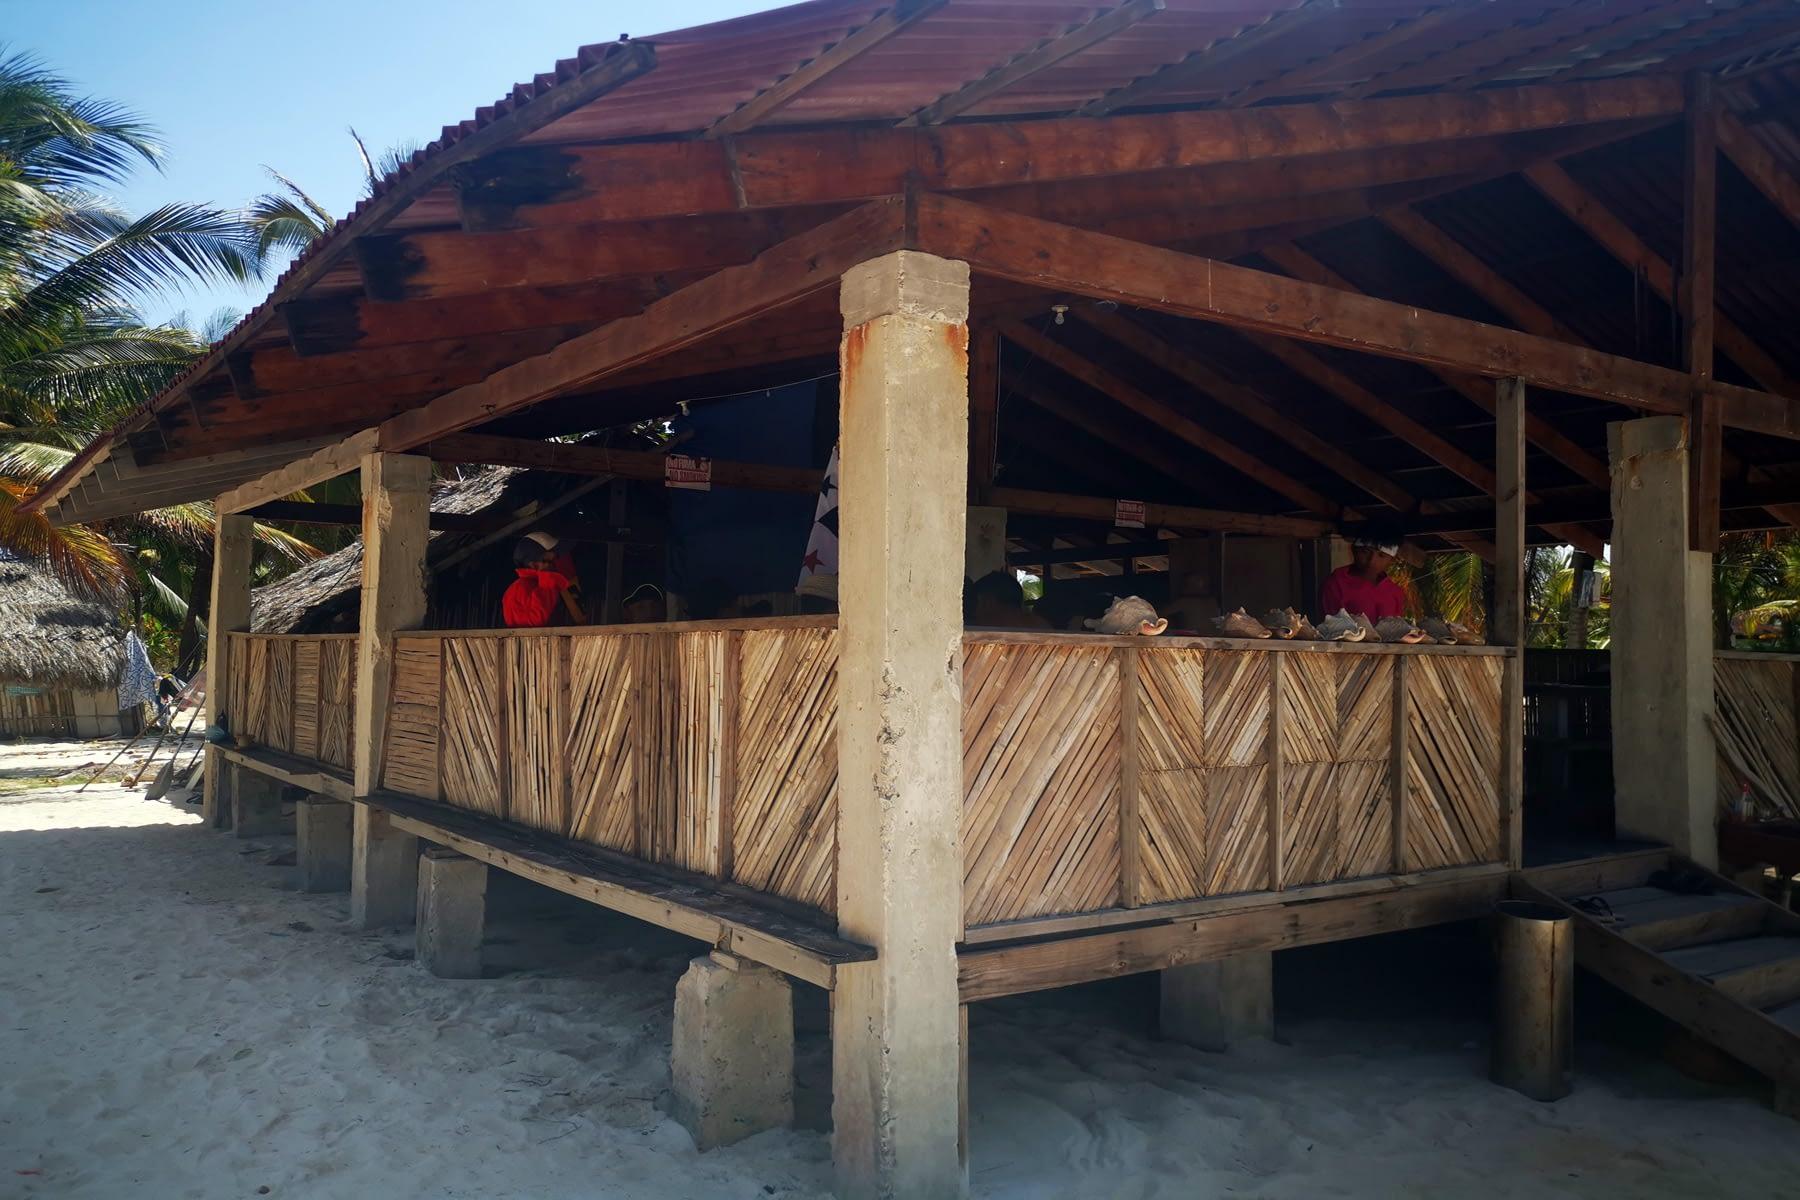 Restaurante en la isla Masargandub